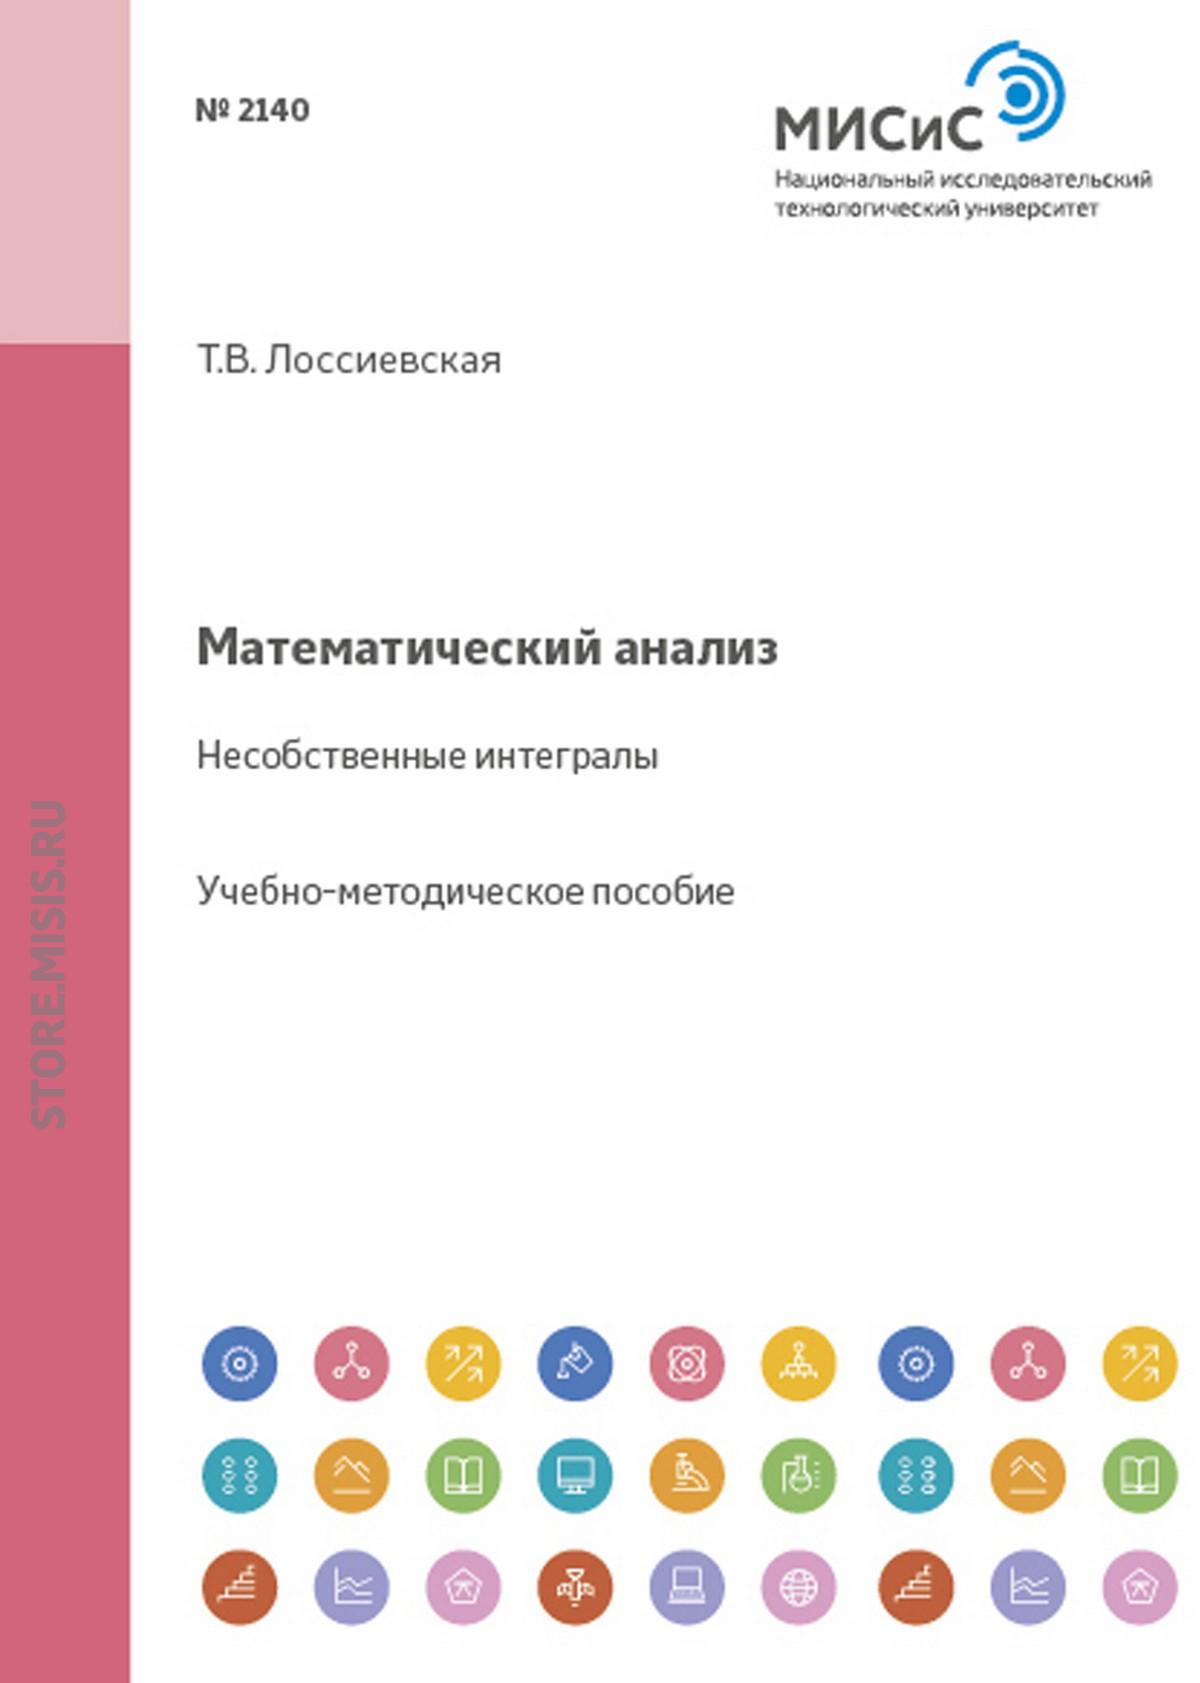 Татьяна Лоссиевская Математический анализ. Несобственные интегралы